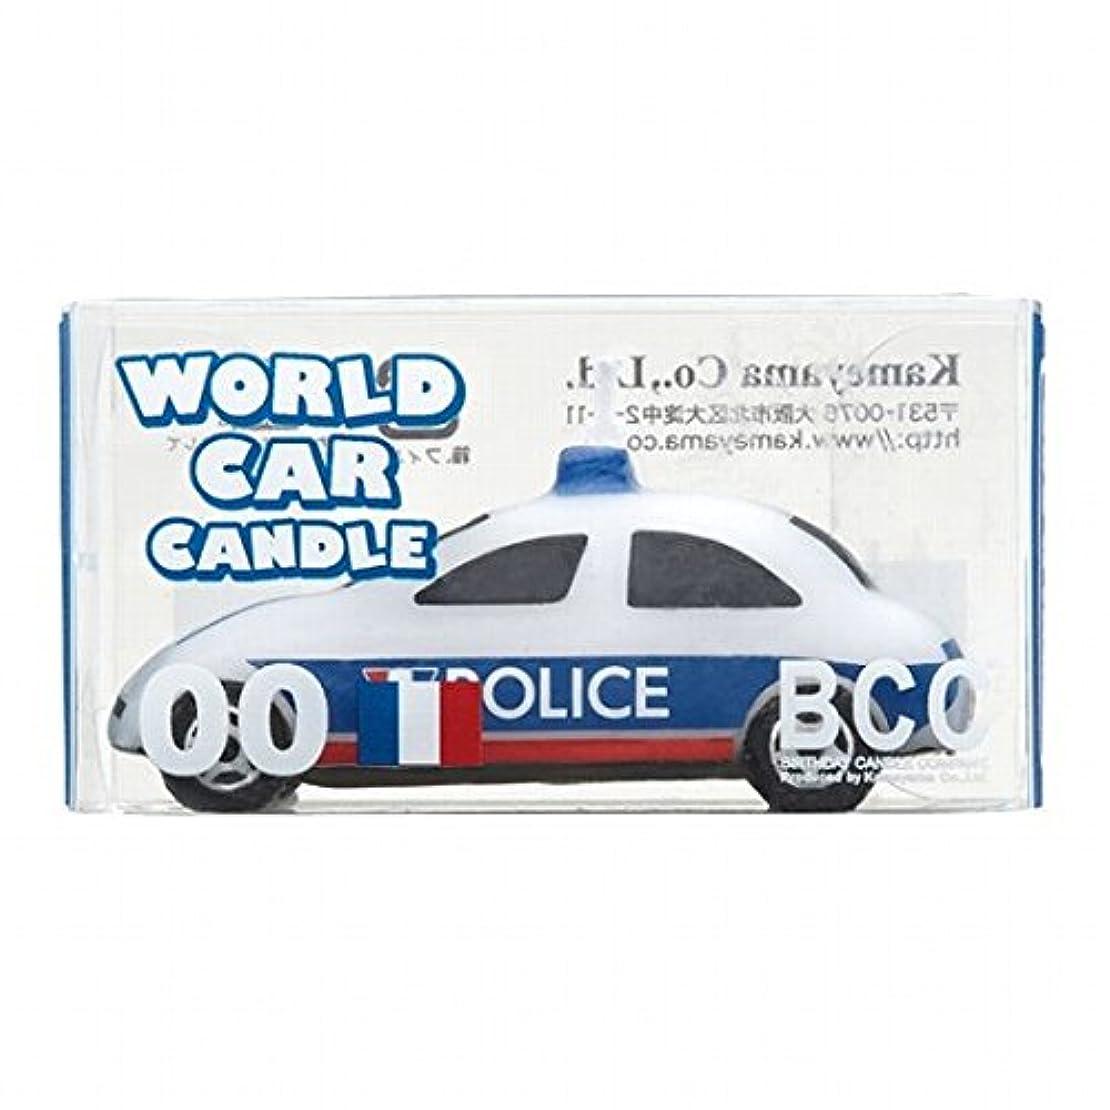 分散意志に反する薄暗いカメヤマキャンドル(kameyama candle) ワールドカーキャンドルパトカー(フランス)